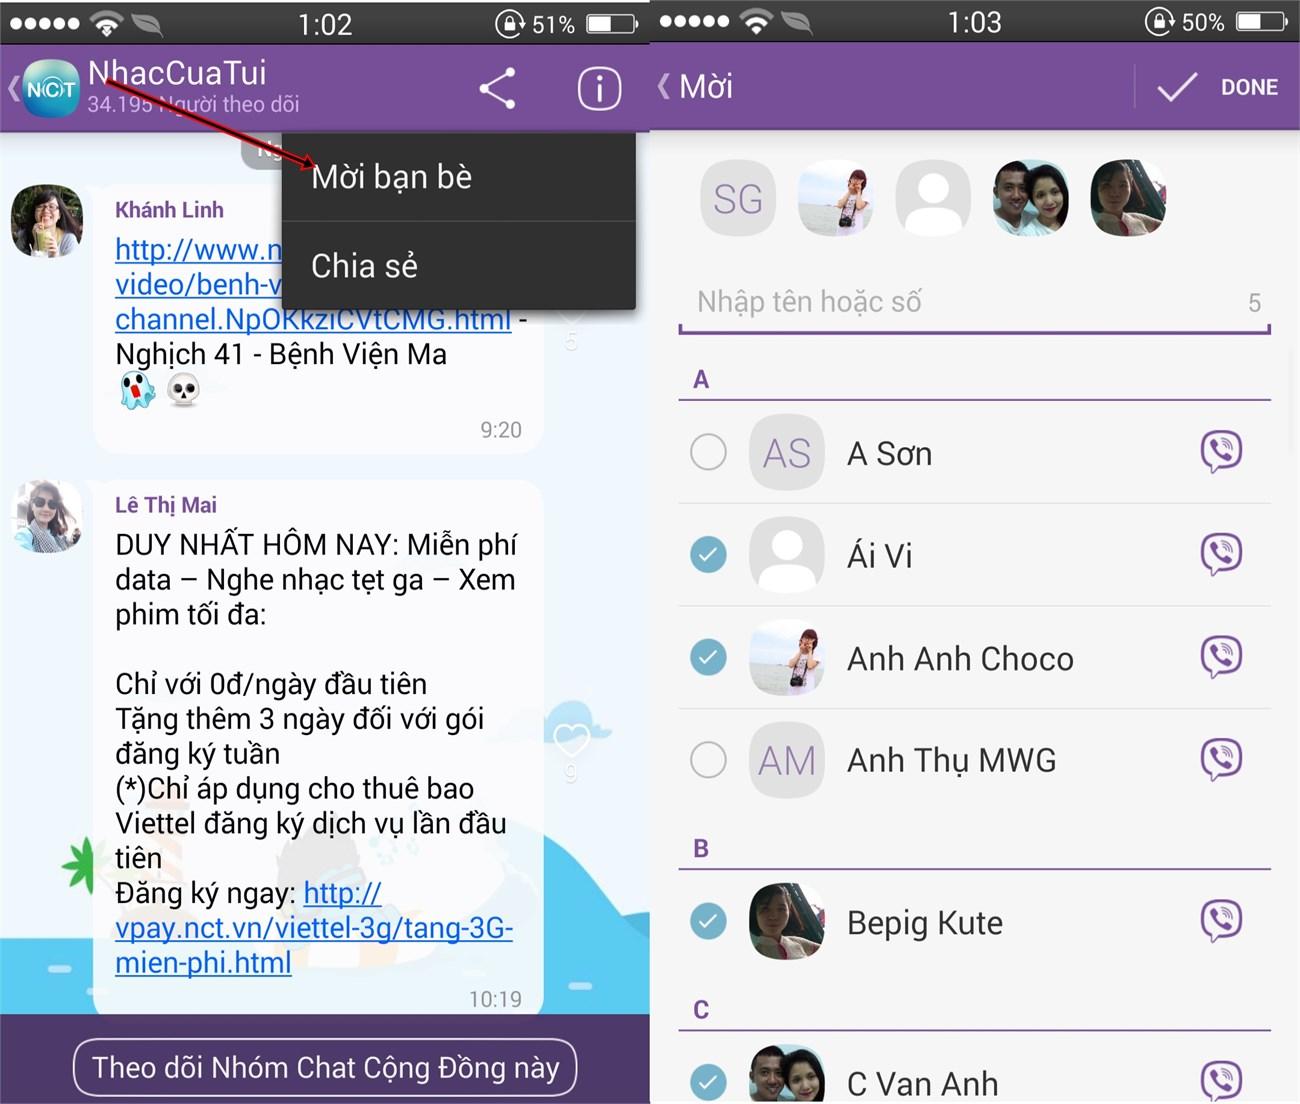 Cách sử dụng Public Chats trên Viber 4